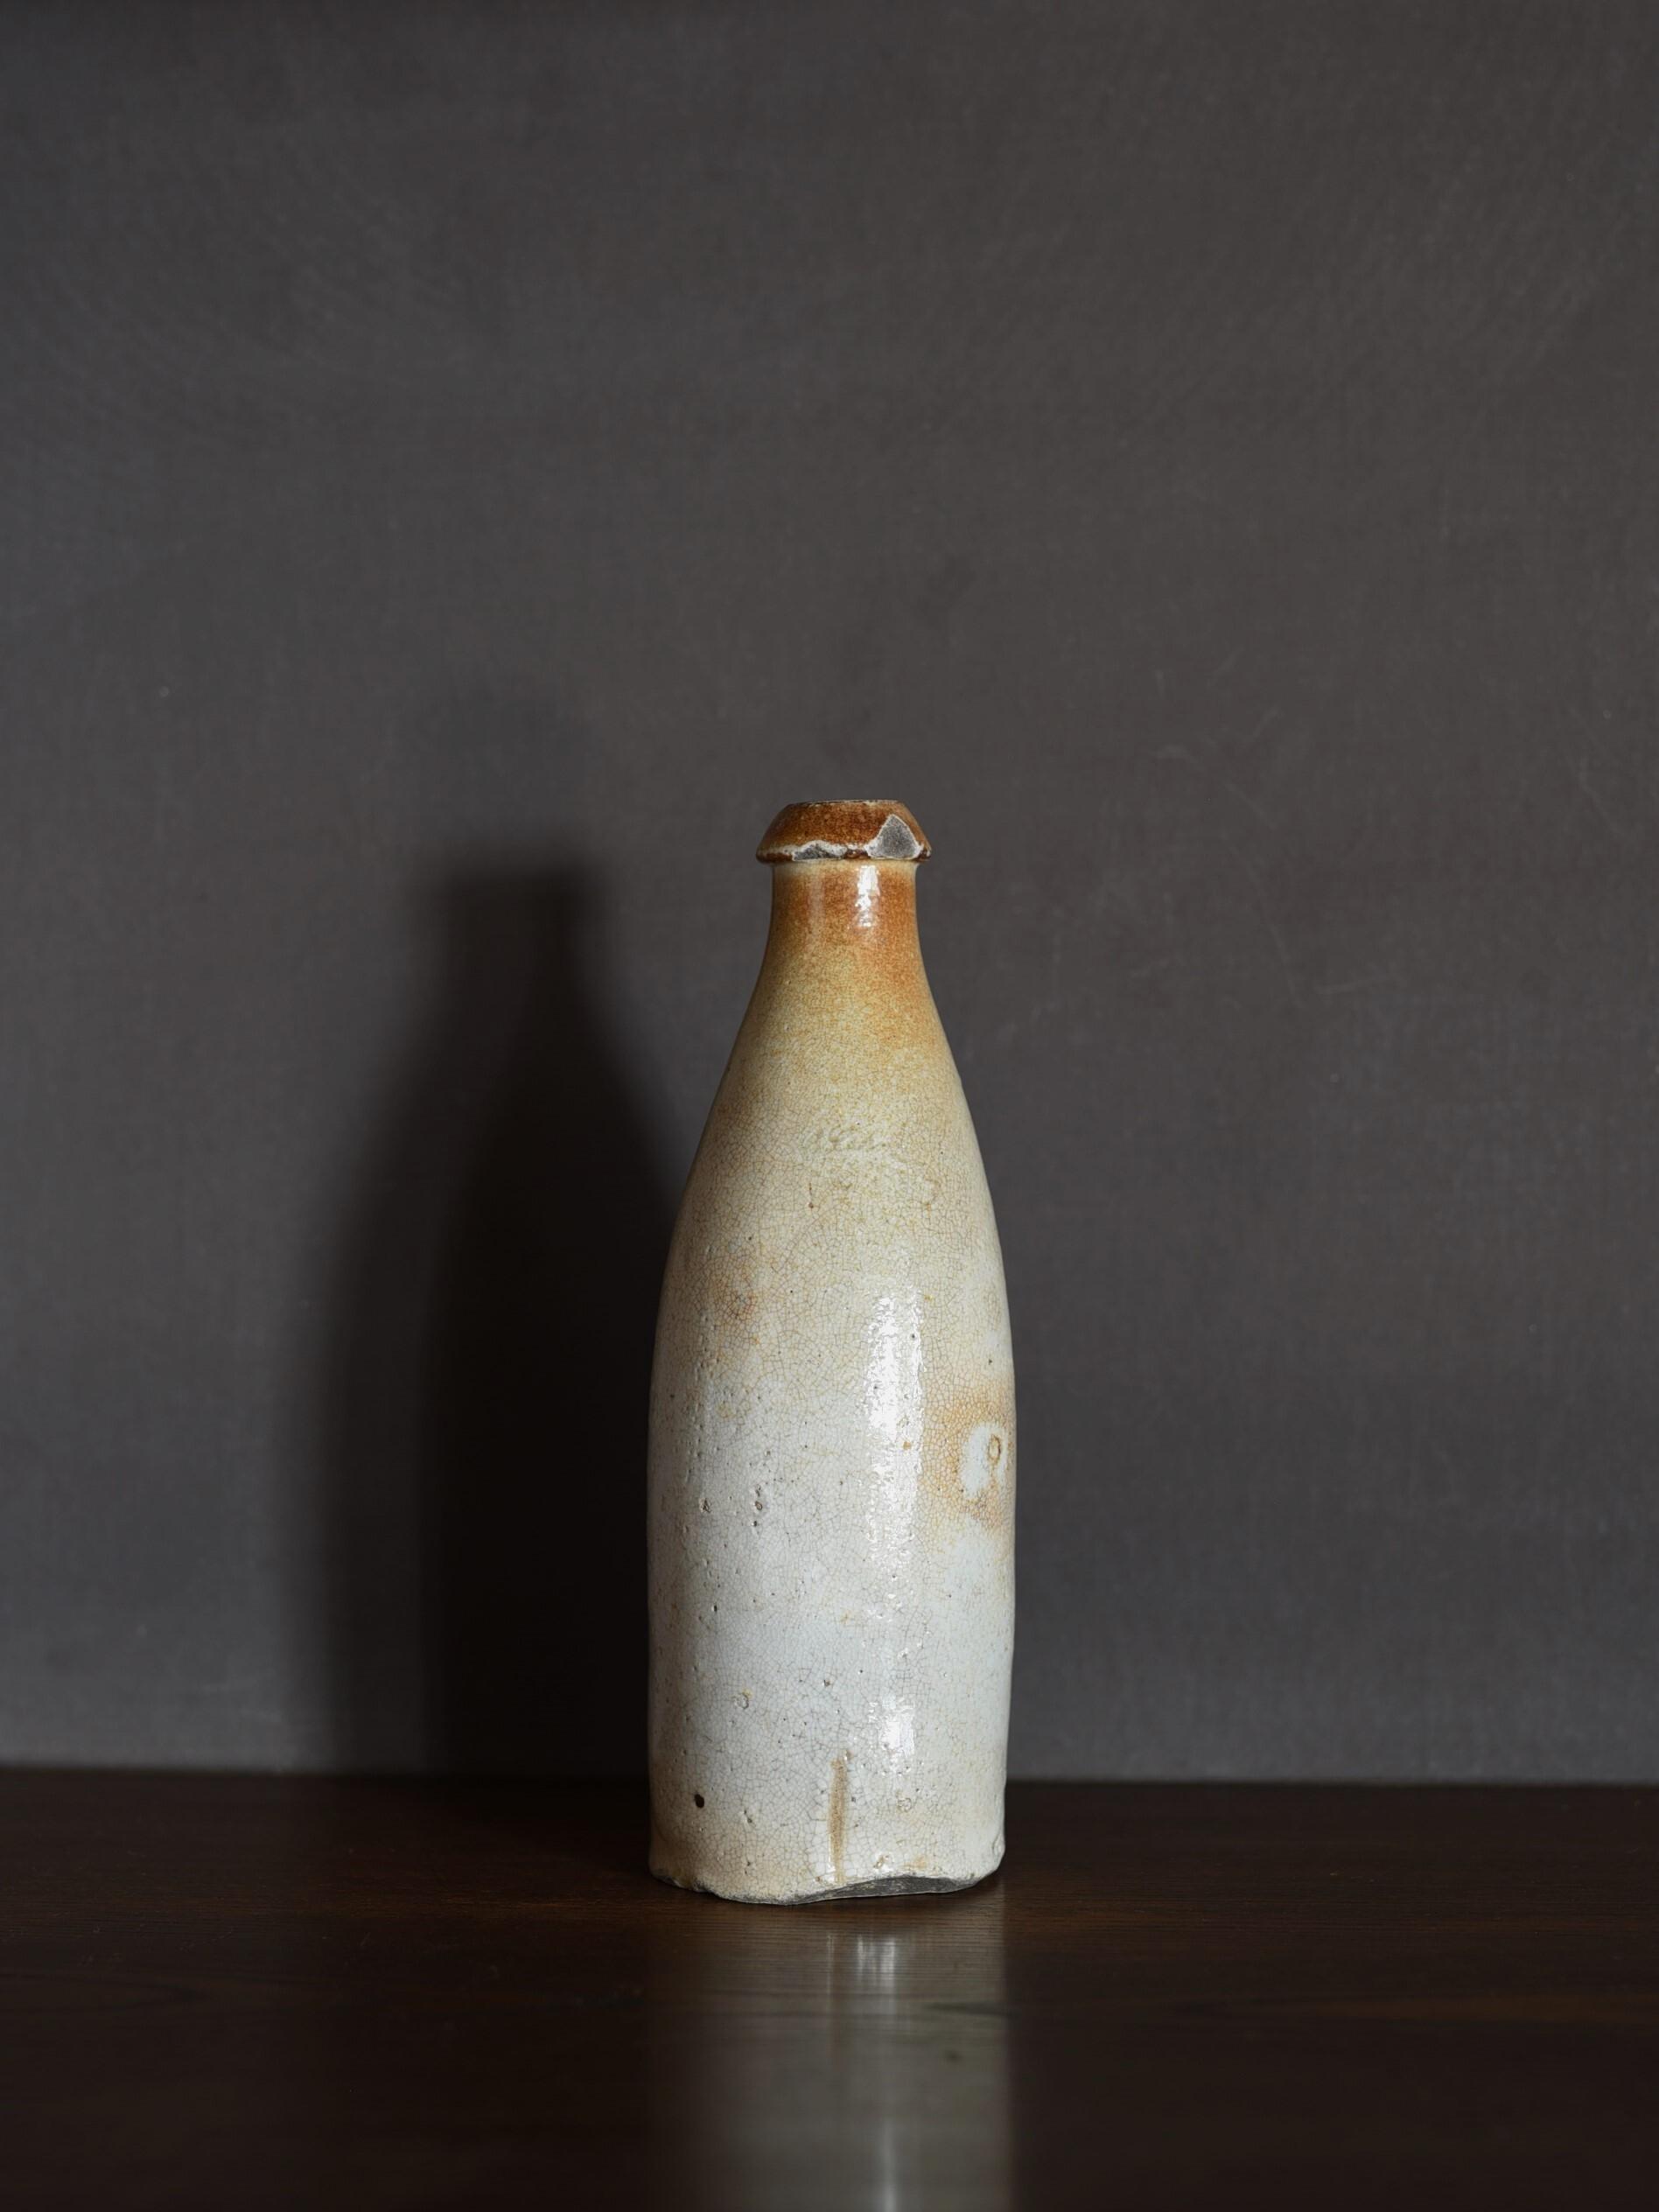 antique | ワインボトル-wine bottle